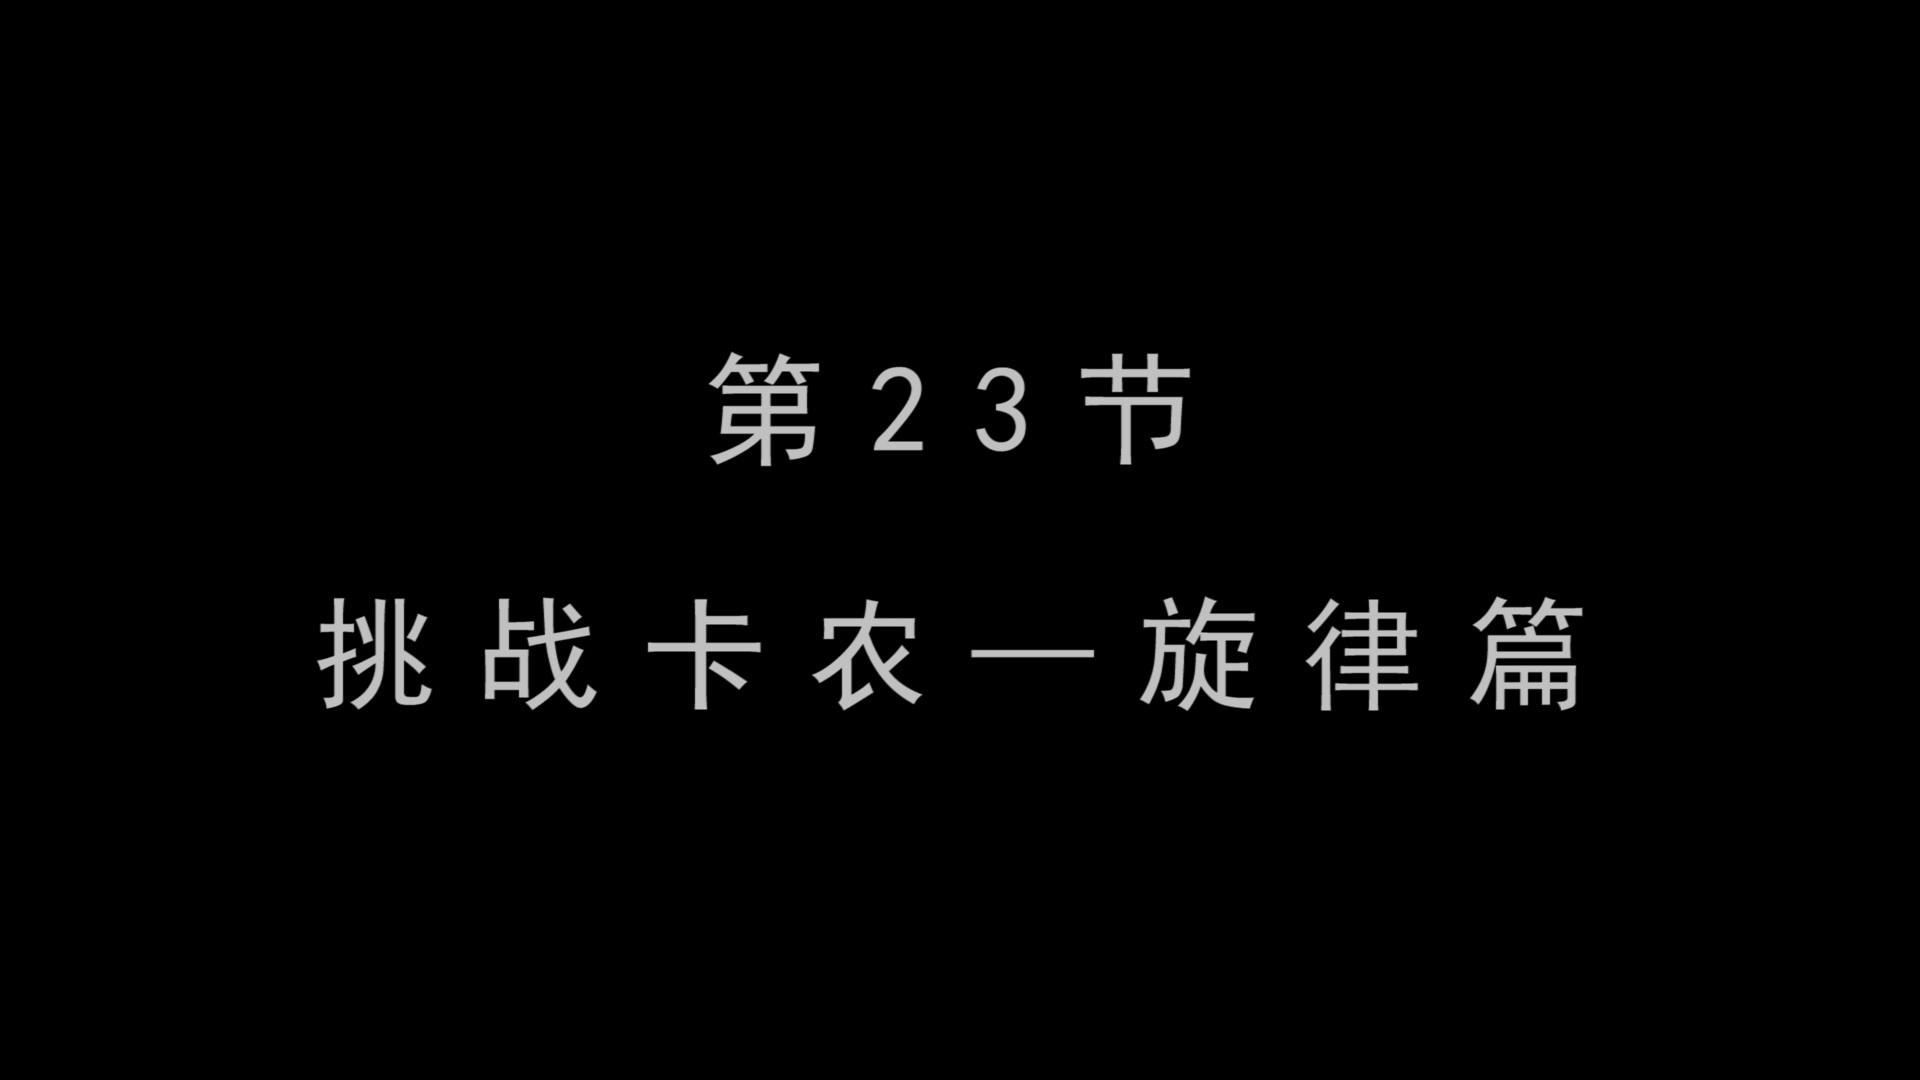 【地狱训练】《速弹入门篇》第23节